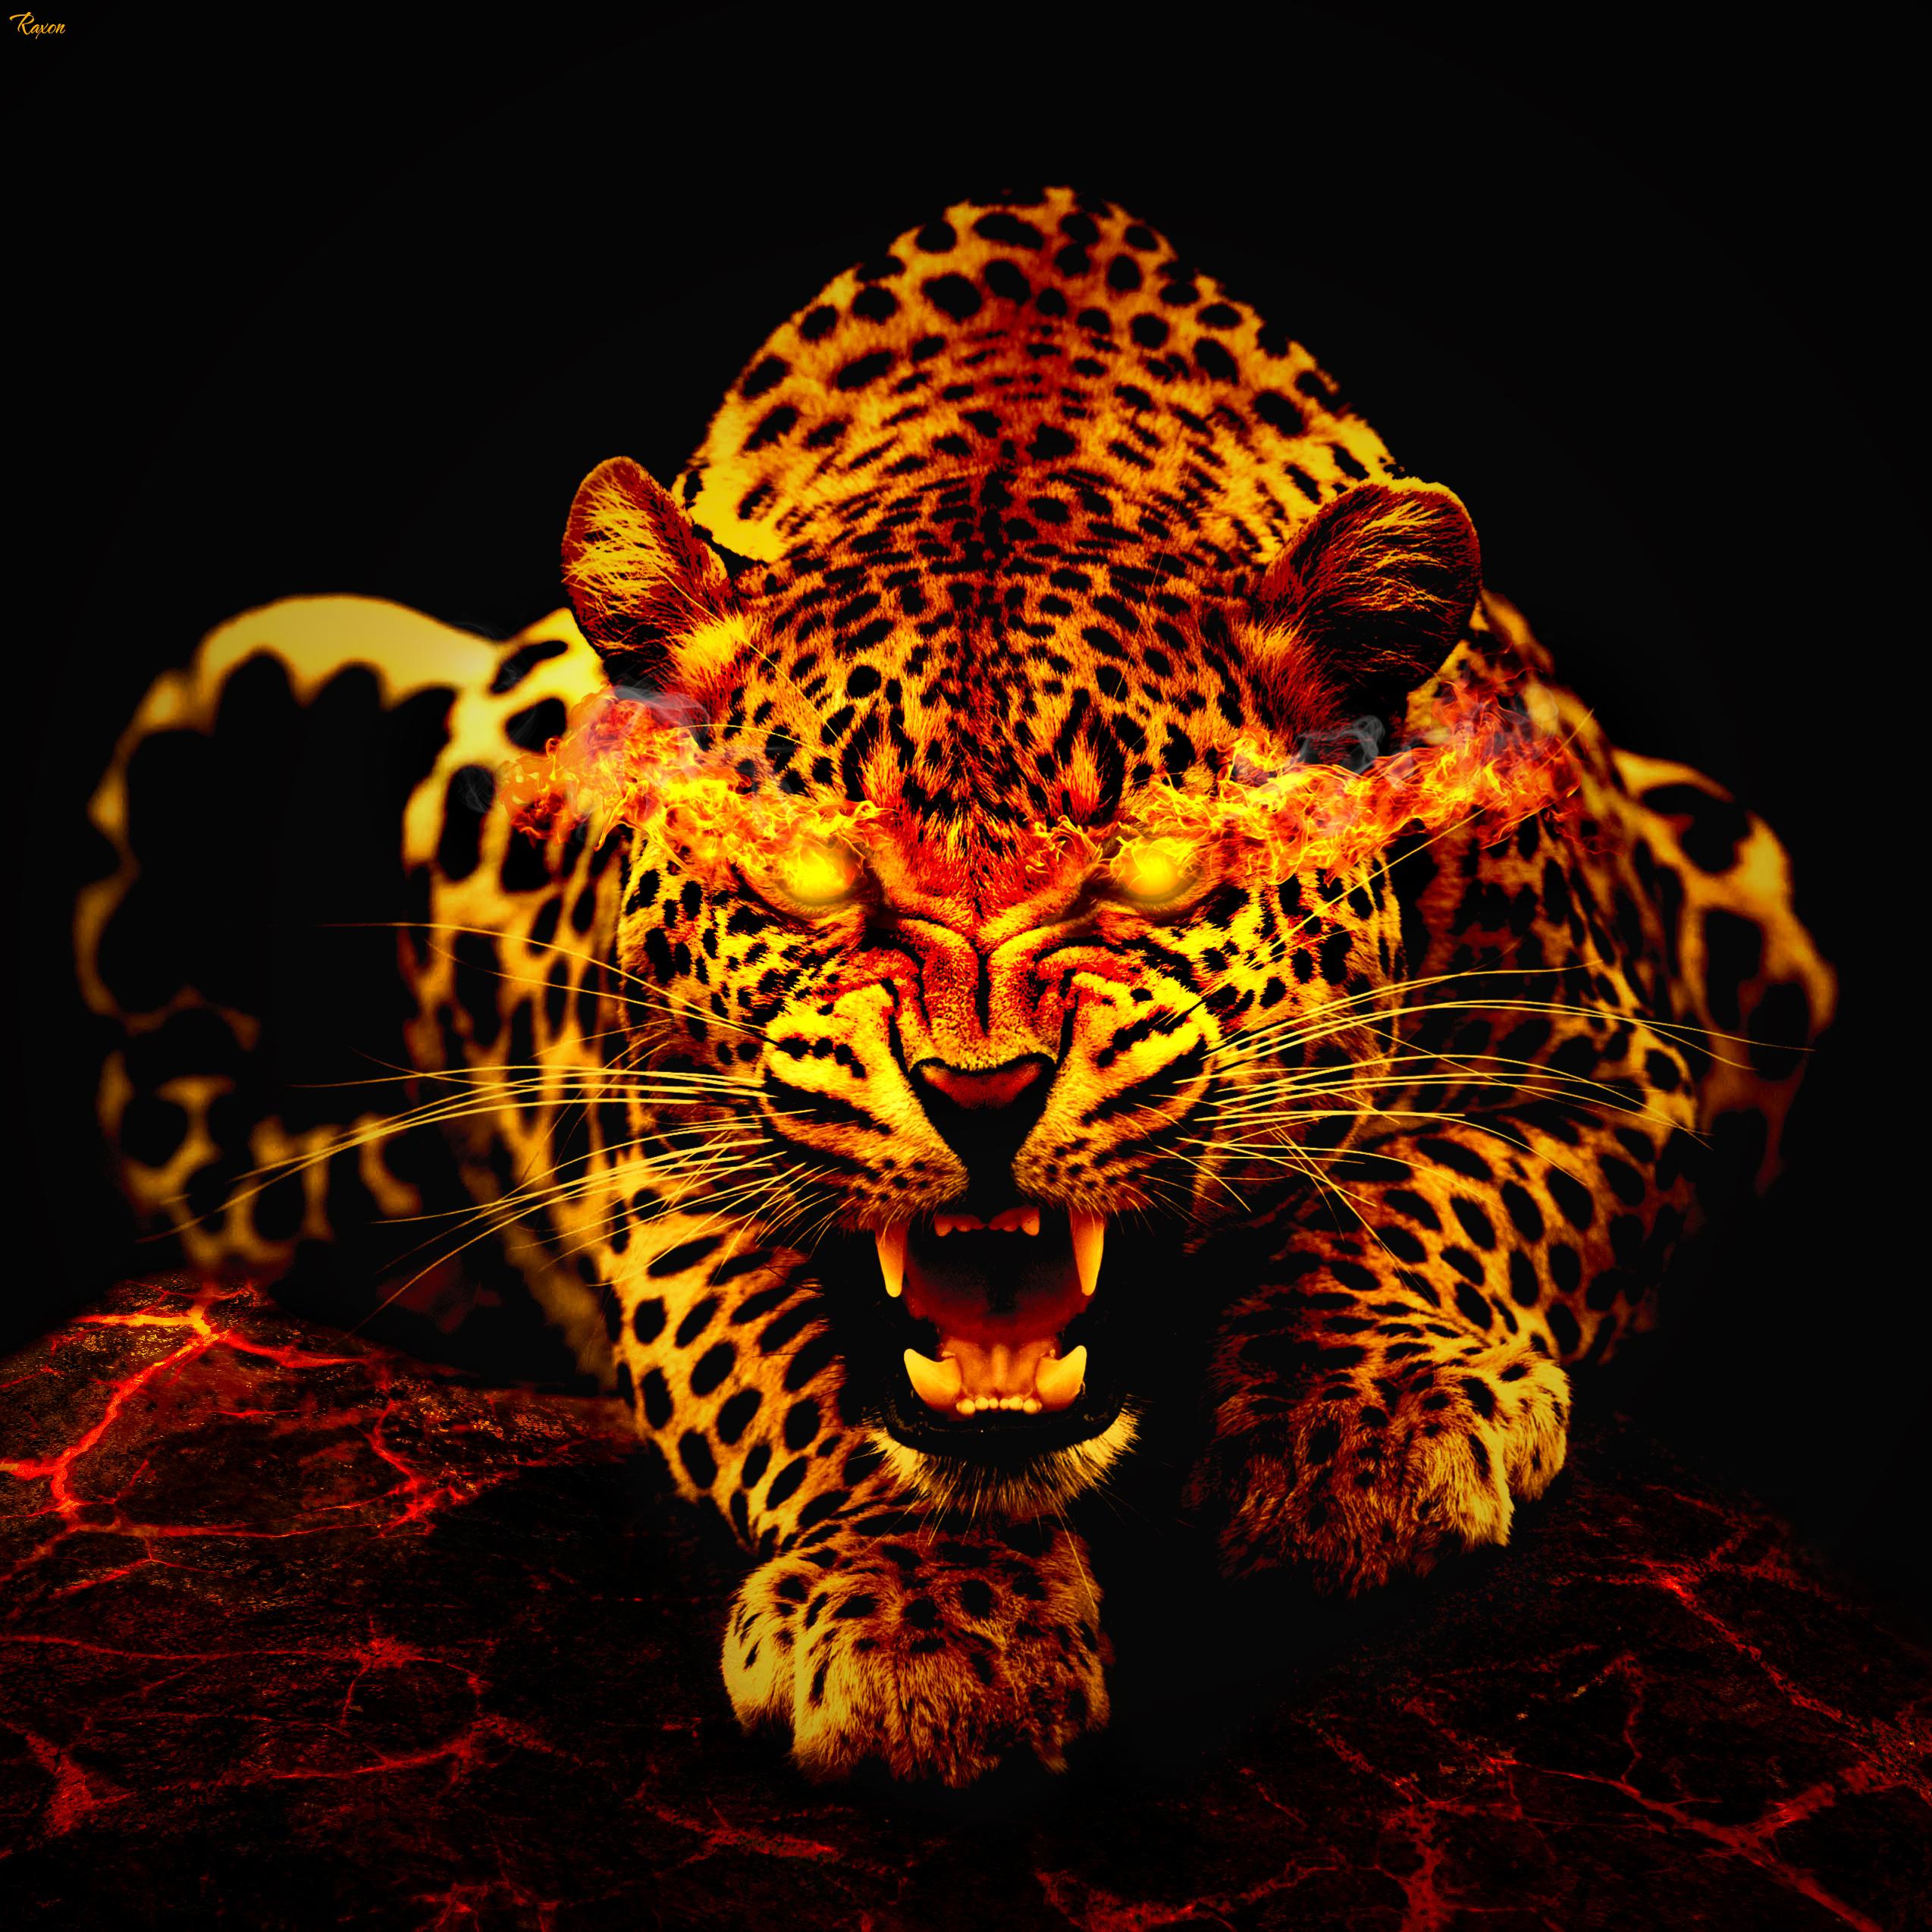 132571 скачать обои Животные, Огонь, Леопард, Пасть - заставки и картинки бесплатно